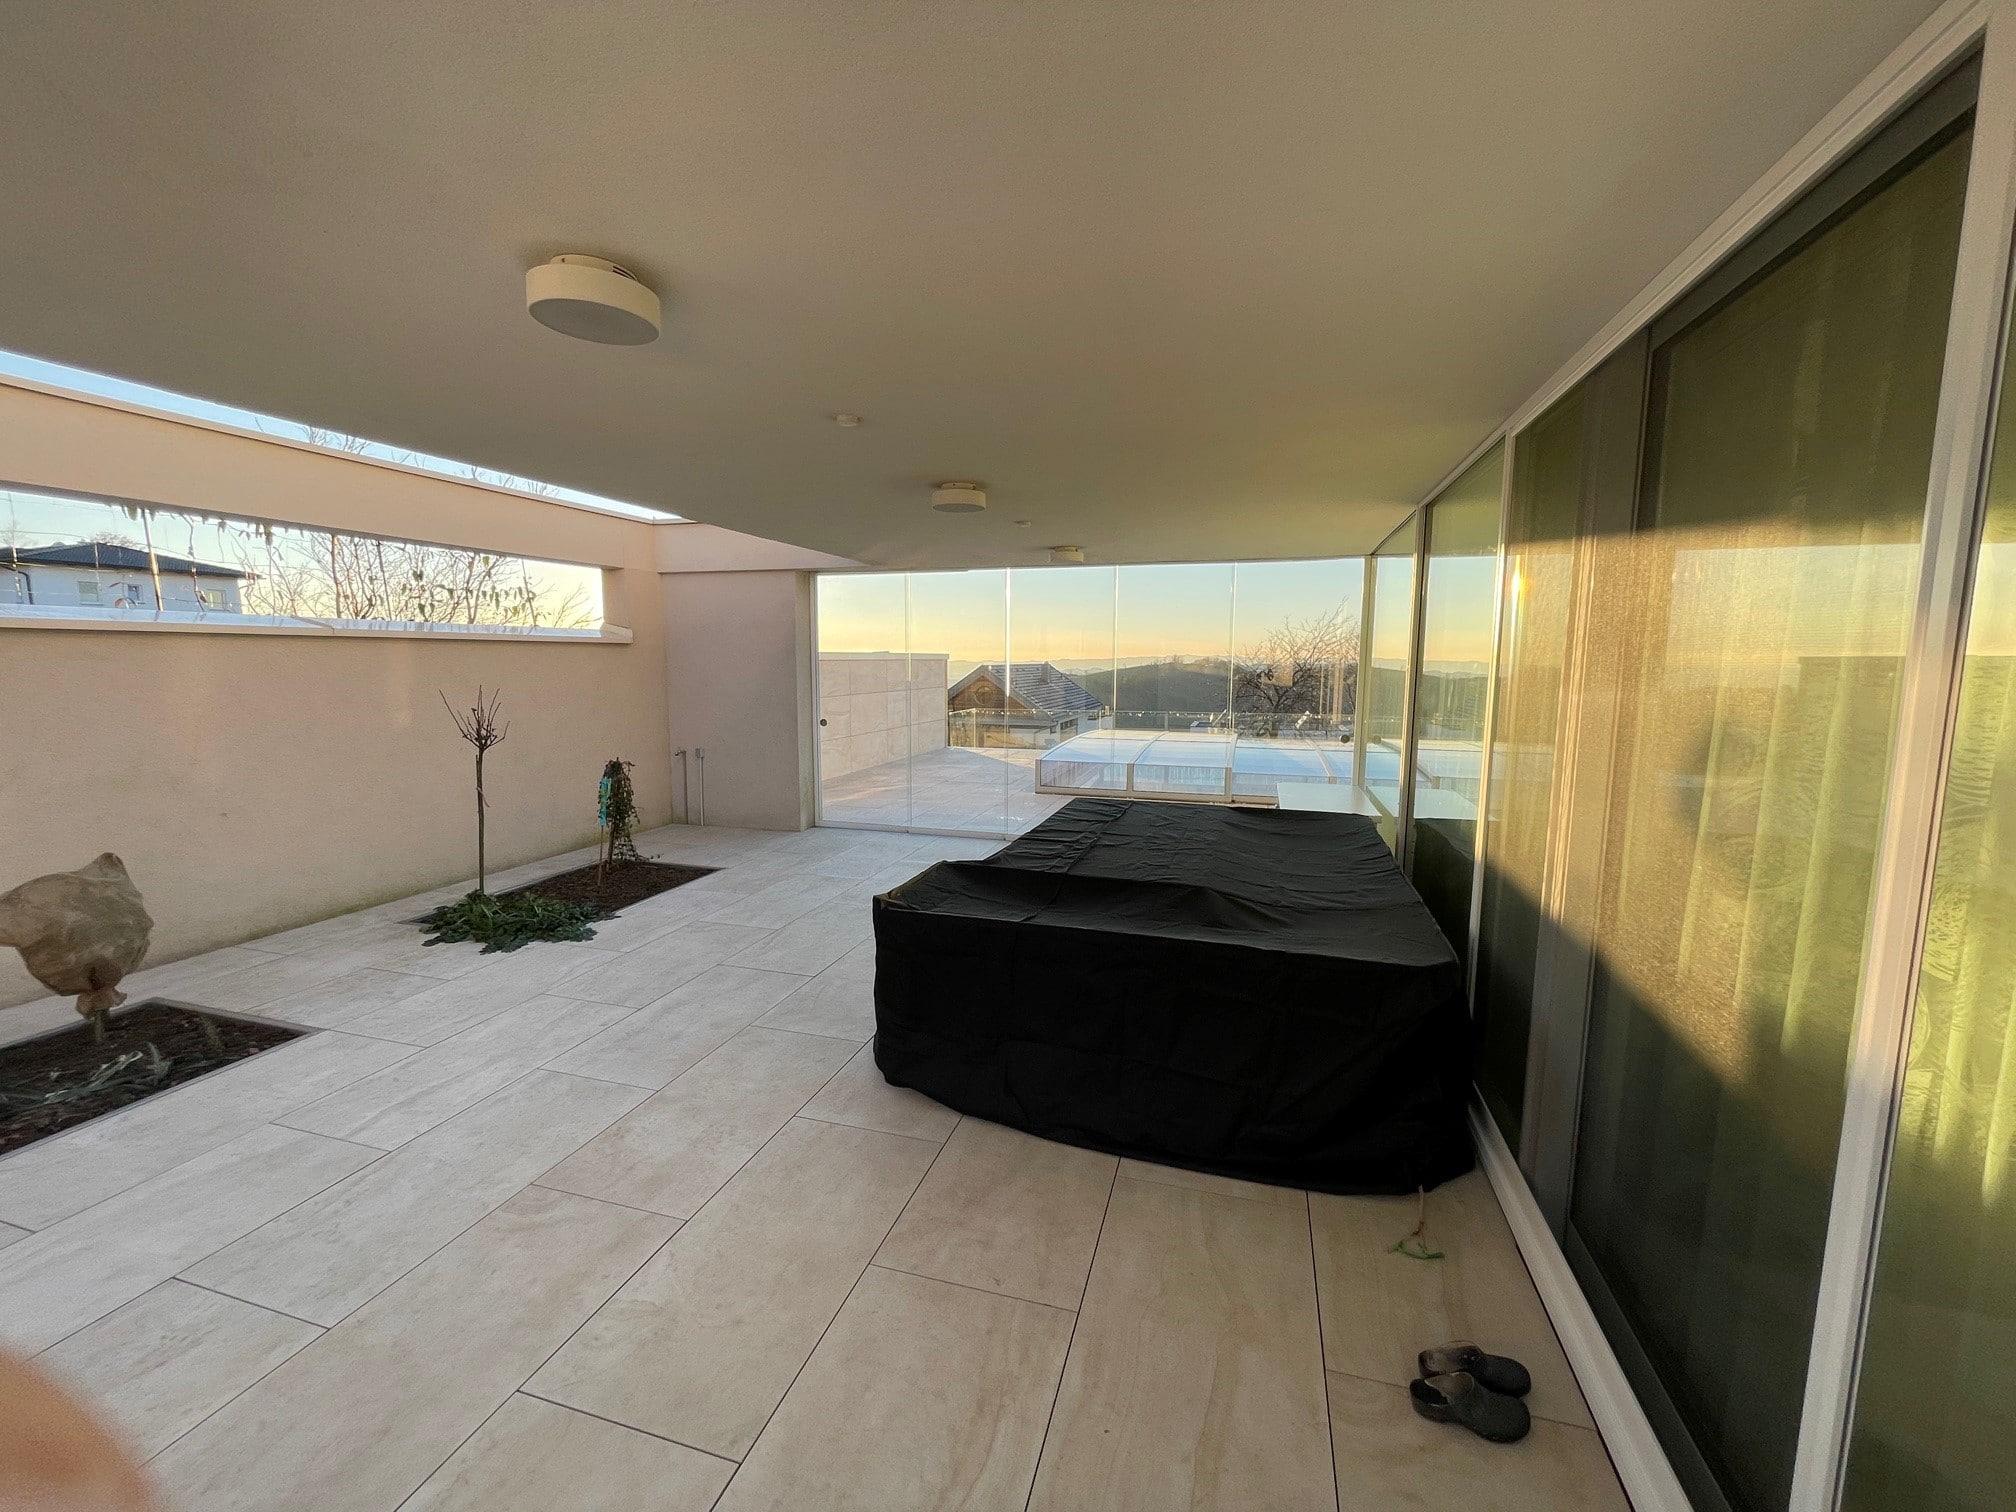 Transparente Glasschiebelösungen für Terrassen